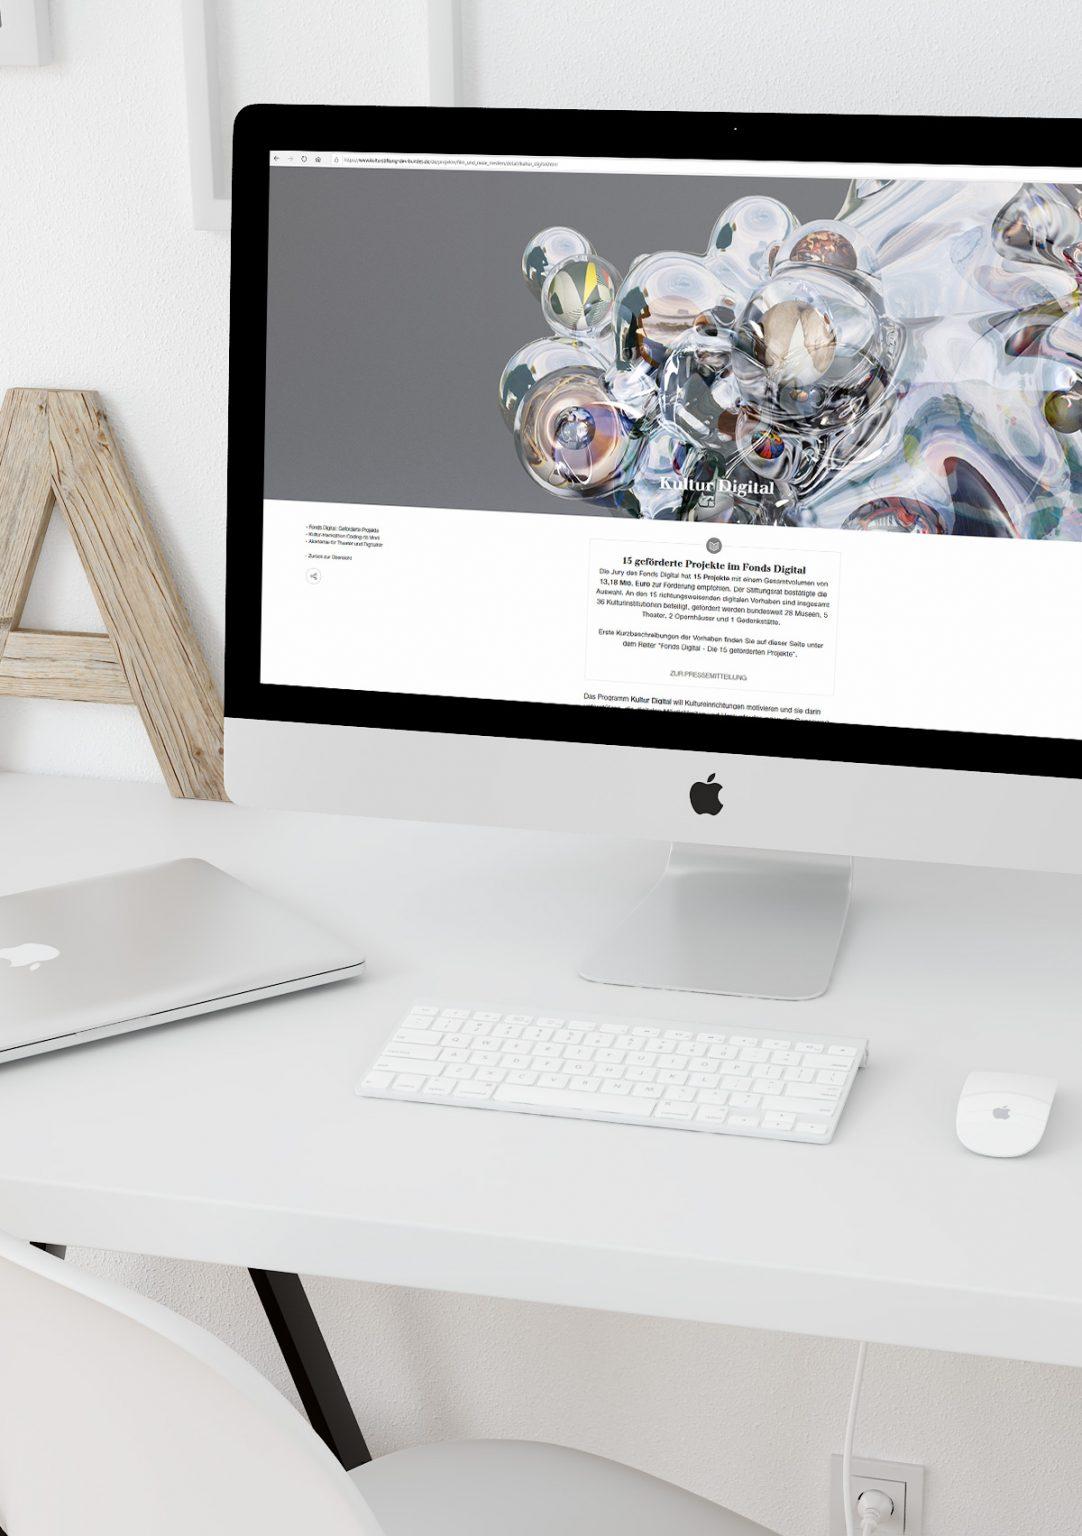 freelancer-fuer-grafikdesign-referenzen-corporatedesign